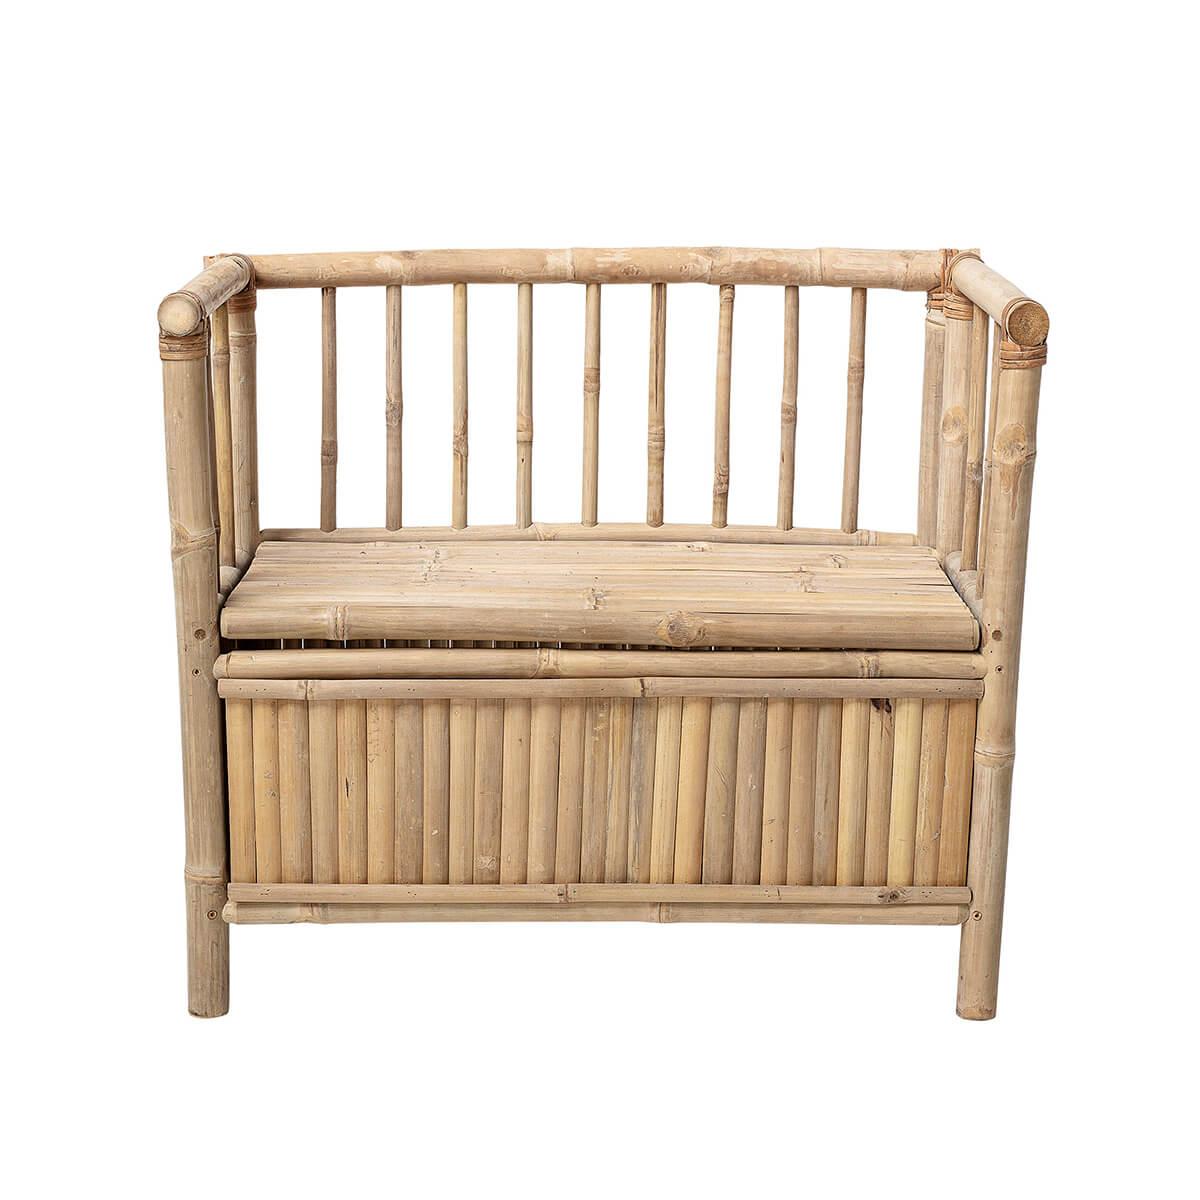 Bambusz pad felhajtható üléssel tárolófelülettel skandináv fenntartható lakberendezés